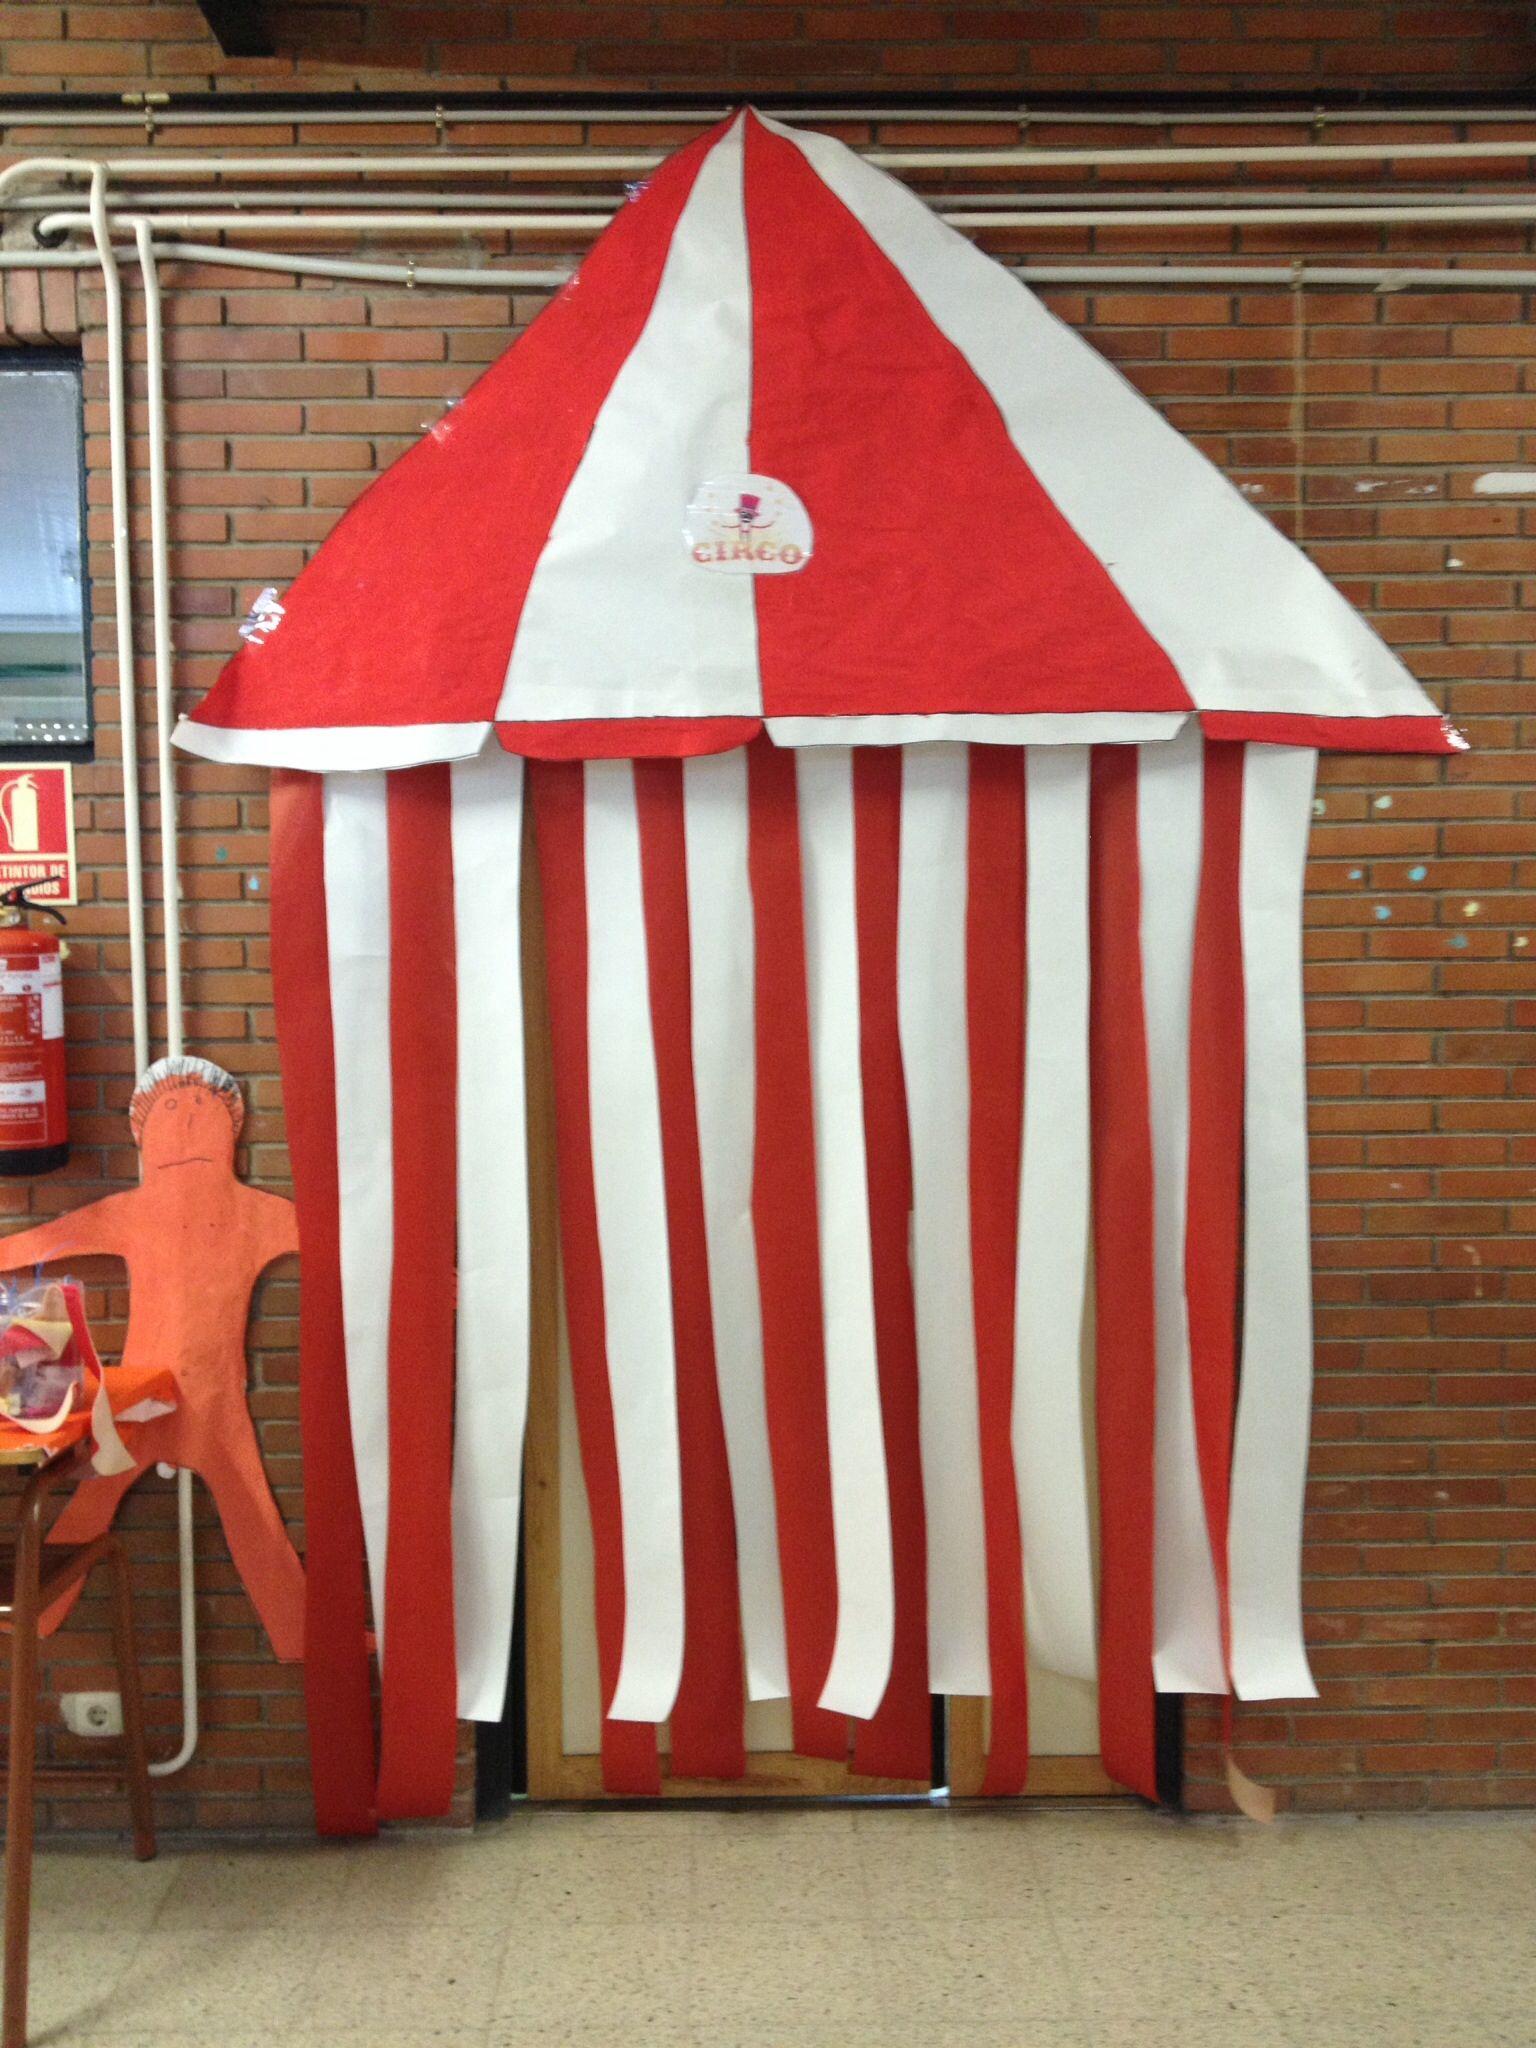 Puerta clase circo proyecto circo pinterest circo for Decoracion puerta aula infantil